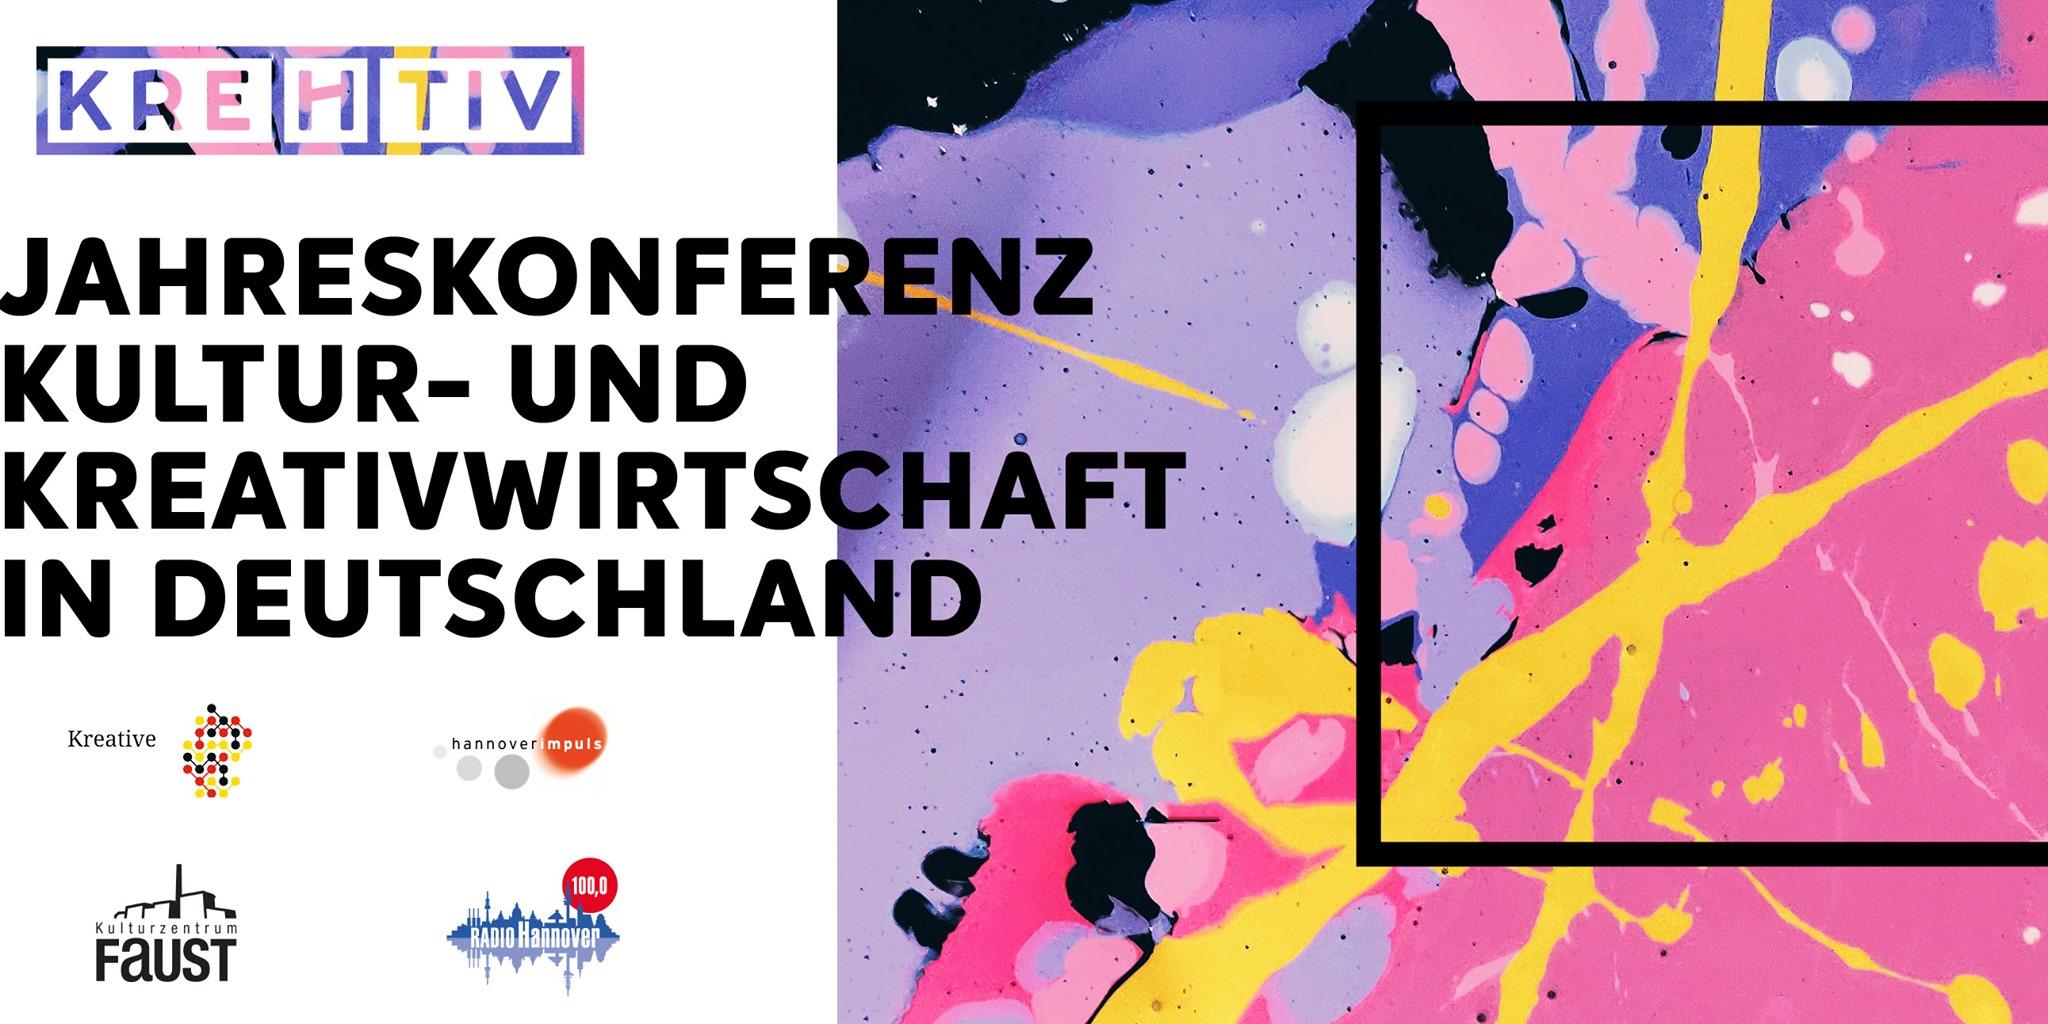 Jahreskonferenz Kultur- und Kreativwirtschaft